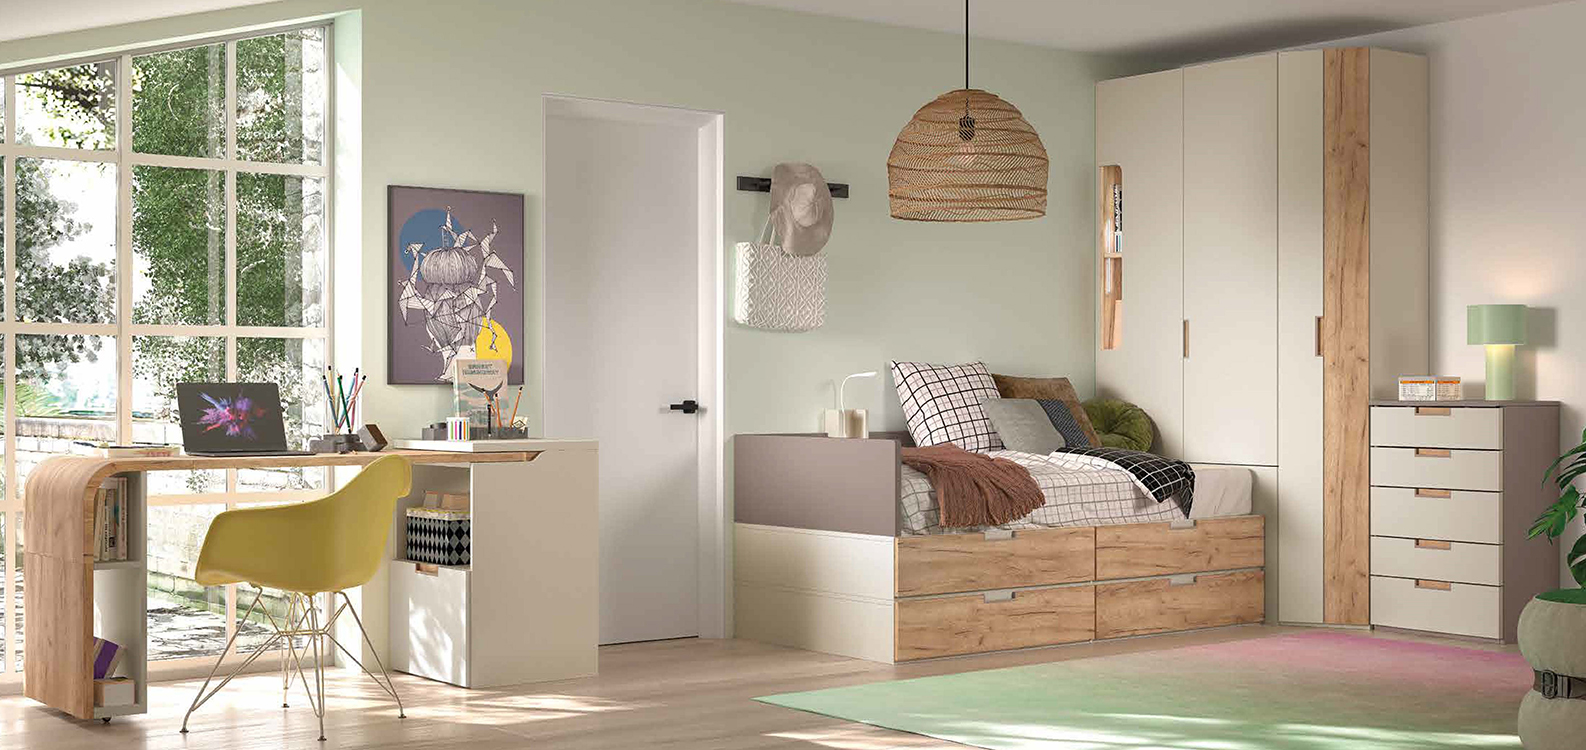 http://www.munozmuebles.net/nueva/catalogo/juveniles-macizos.html - Foto con  muebles para jóvenes